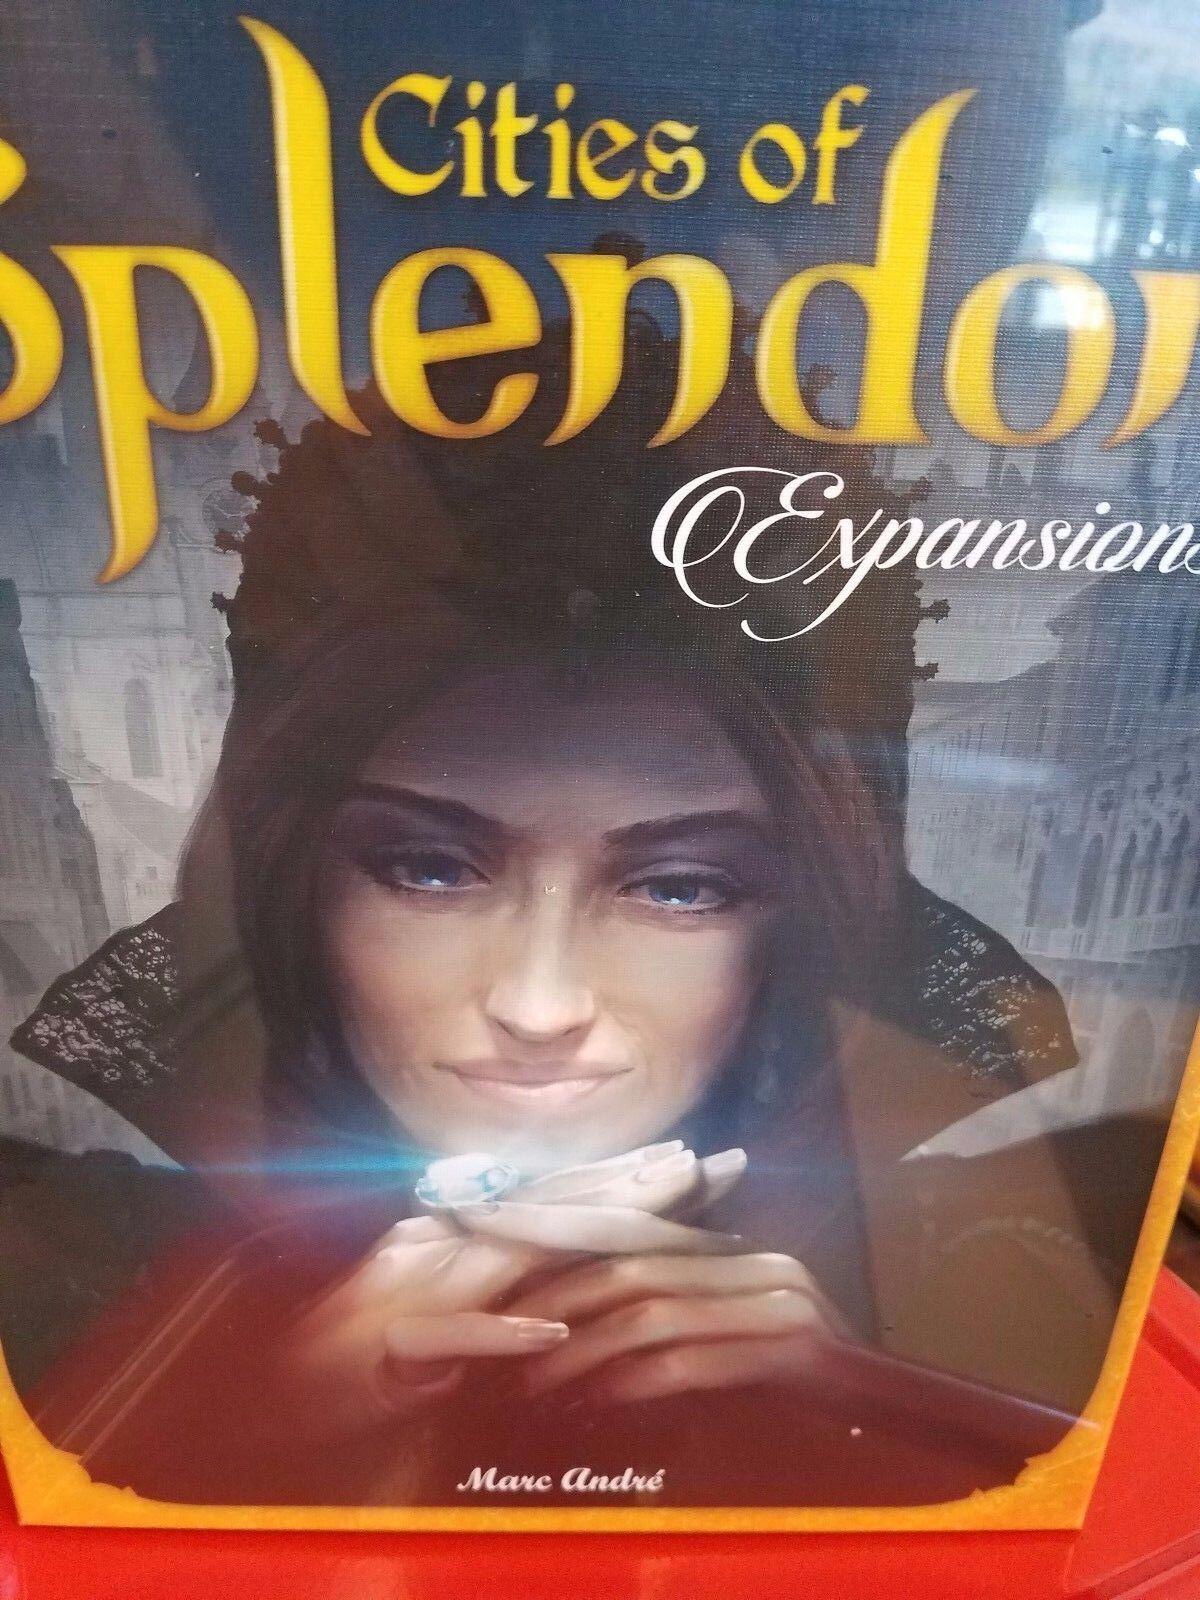 Städte von Pracht Erweiterung - Asmodee Spiele Brettspiel Neu